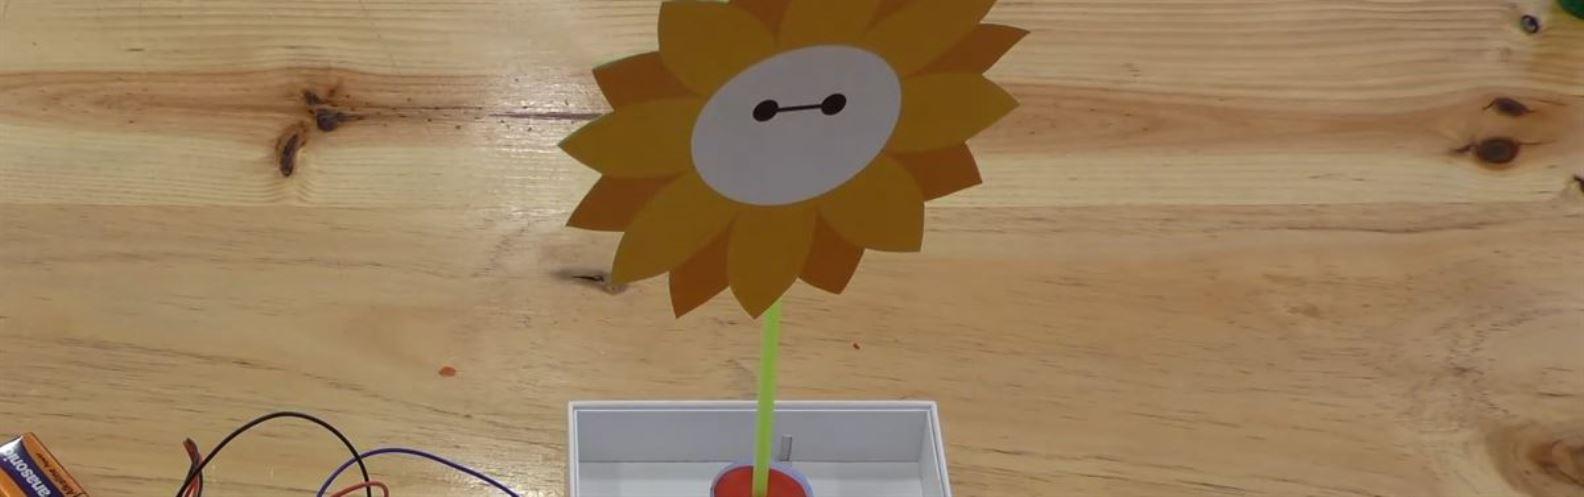 Actividad para niños de Robots: GiraBaymax